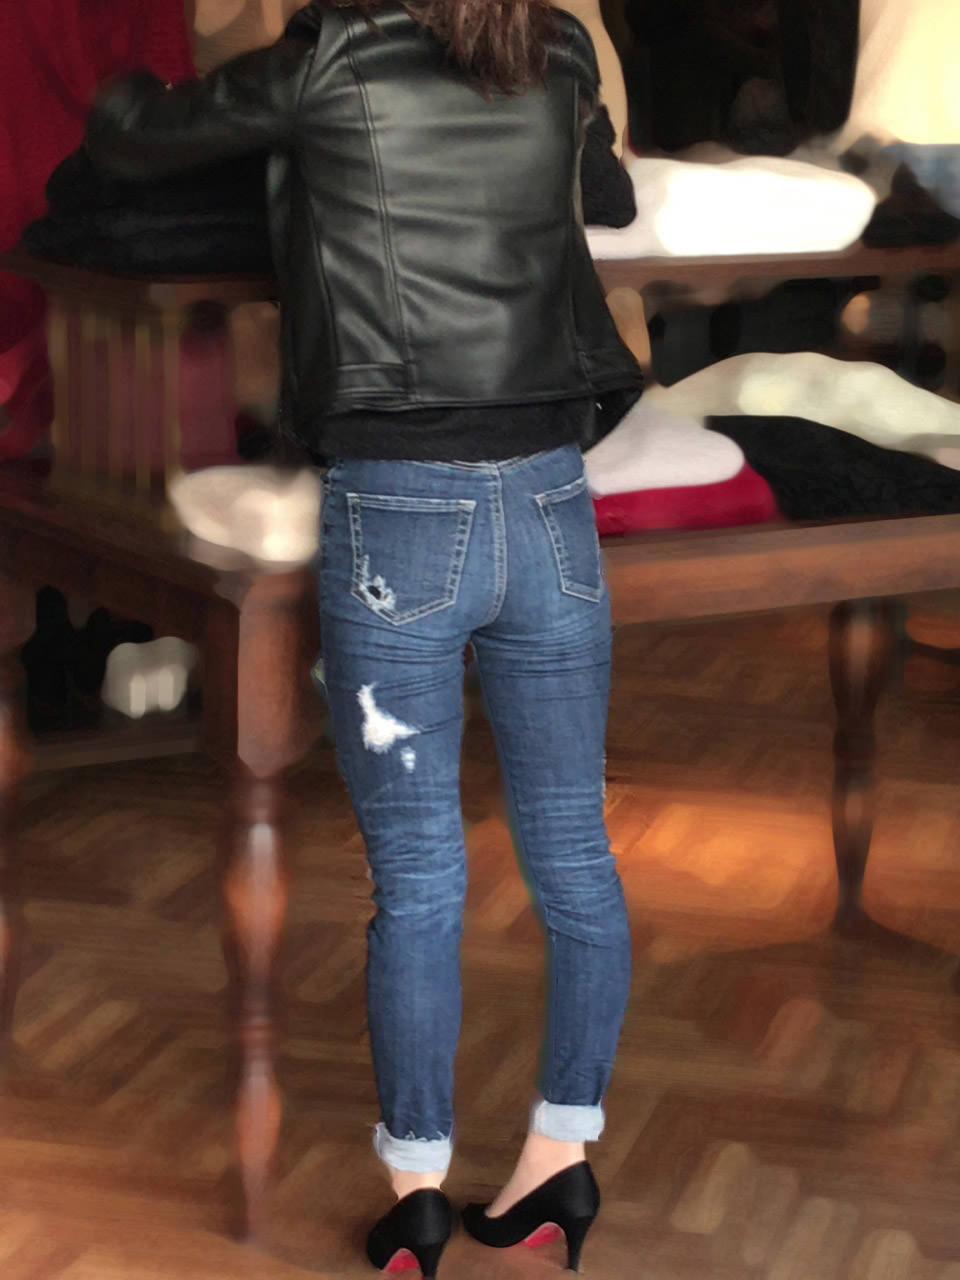 デニムを履いたお姉さんのお尻のエロさは異常www素人街撮り画像www 21168